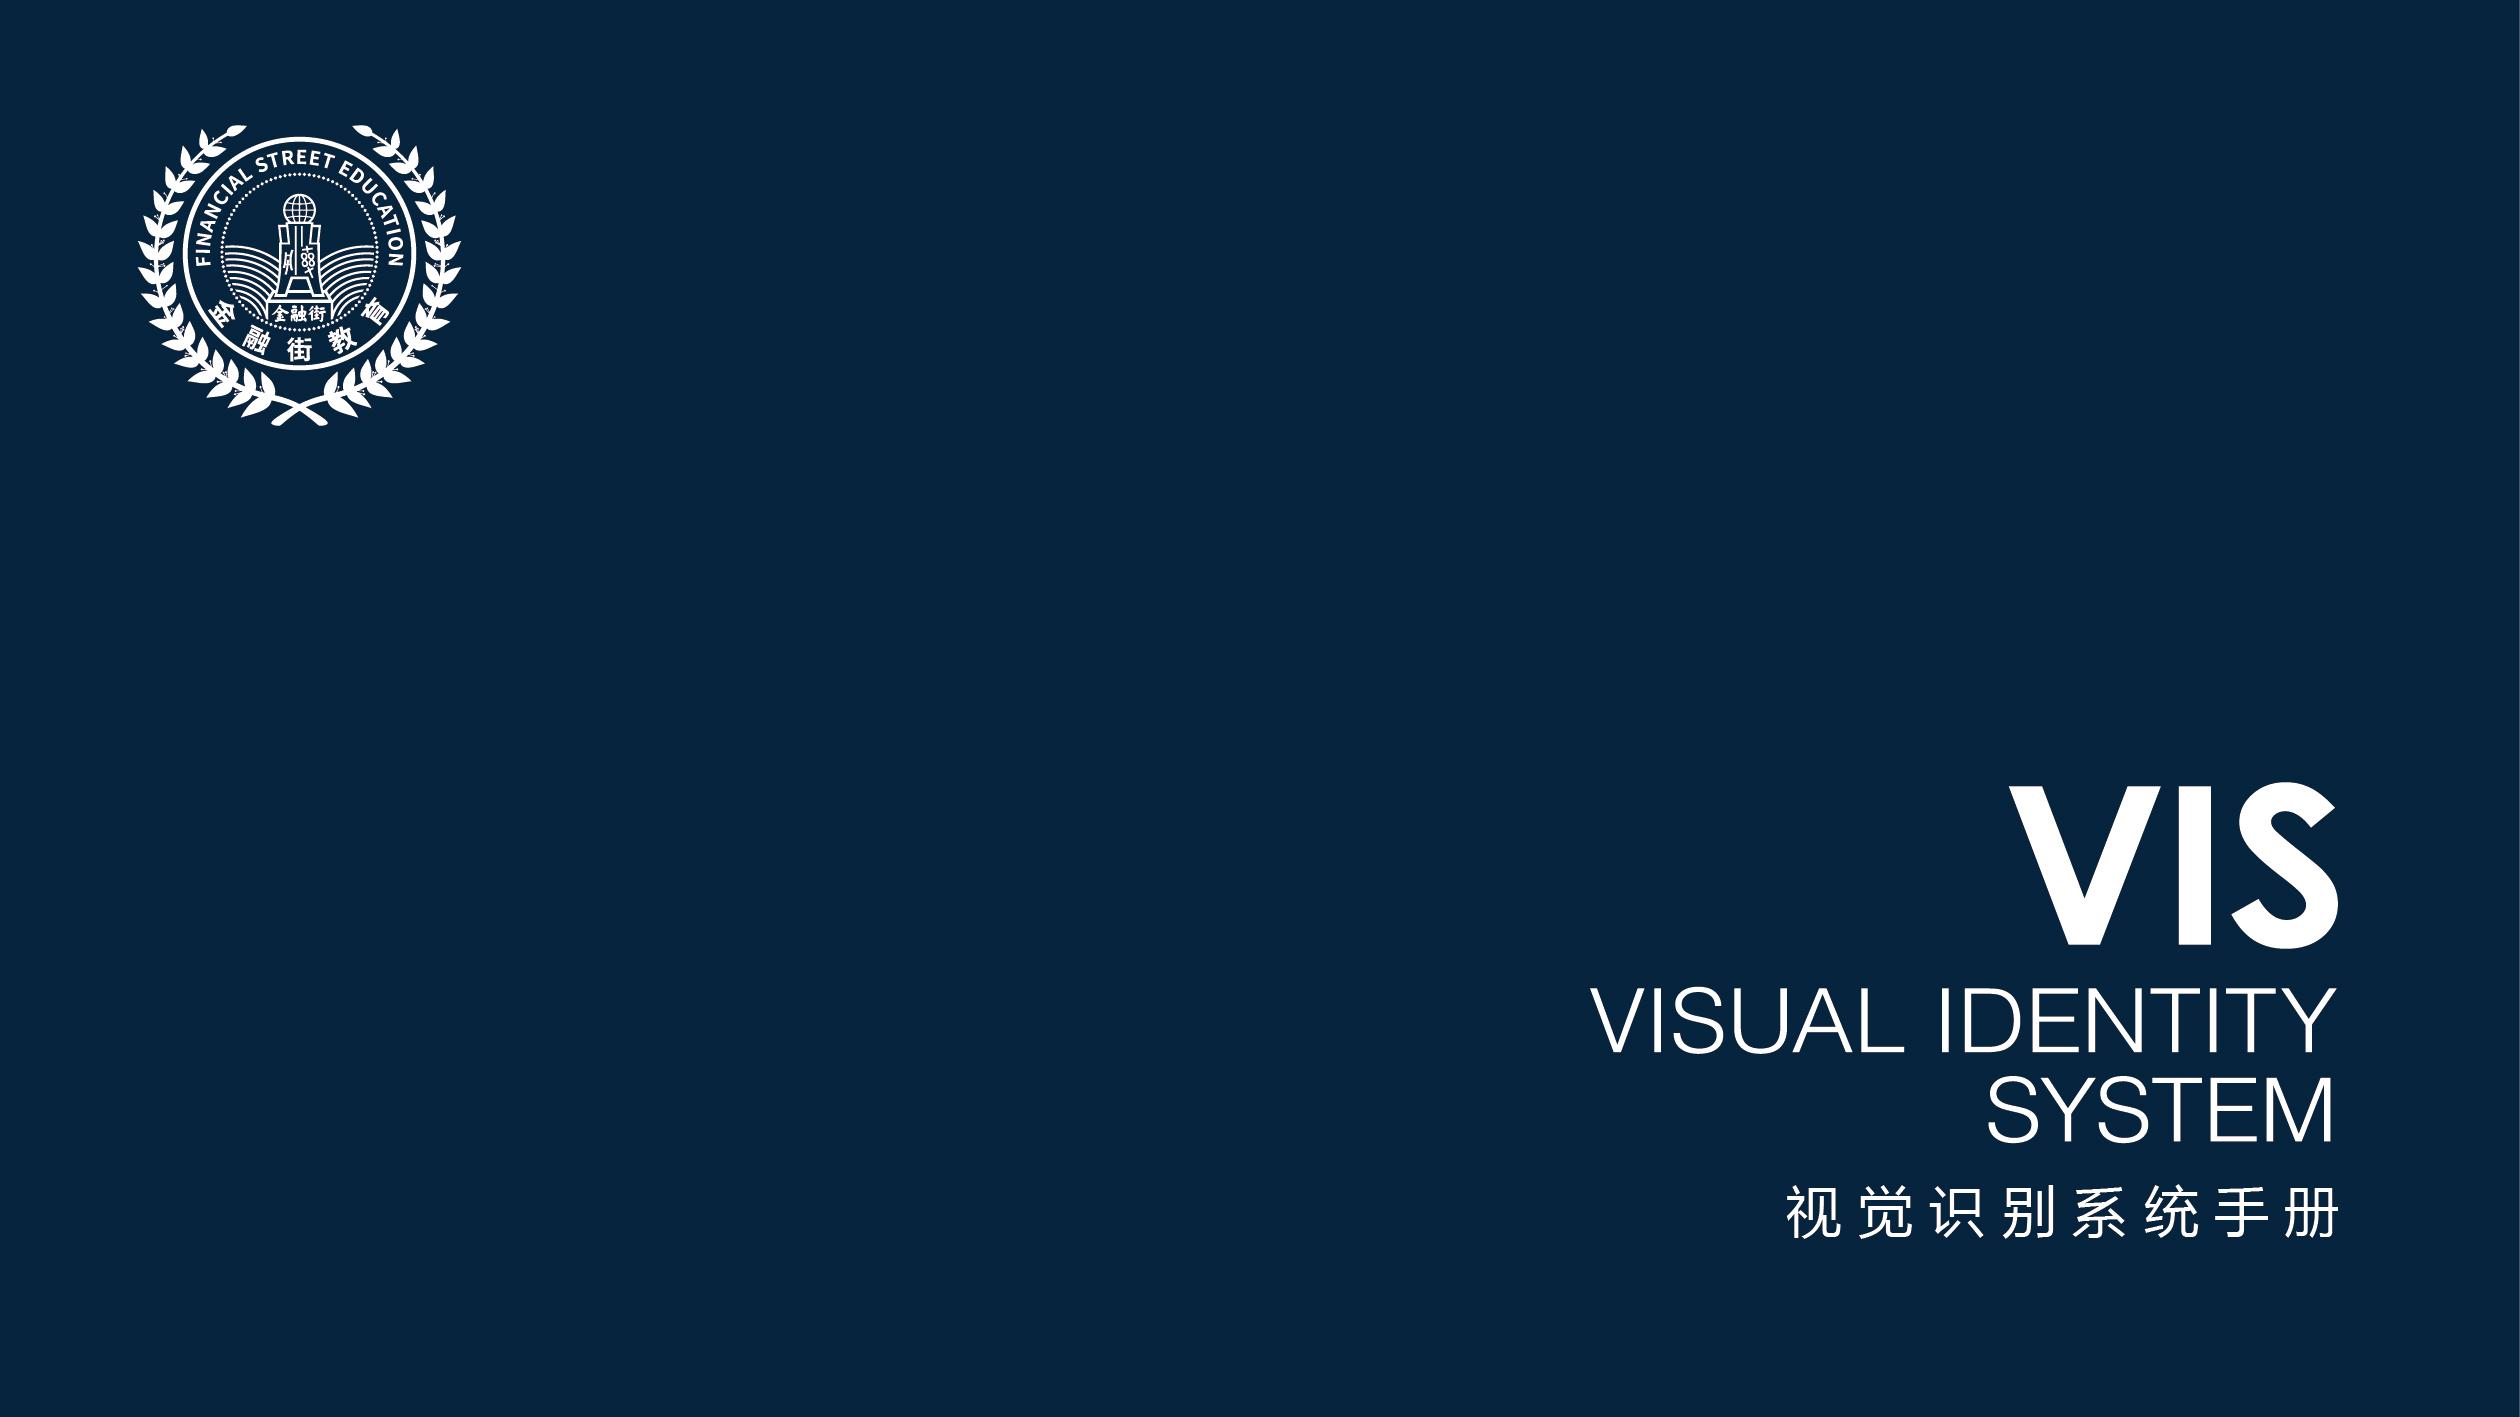 金融街教育公司VI設計